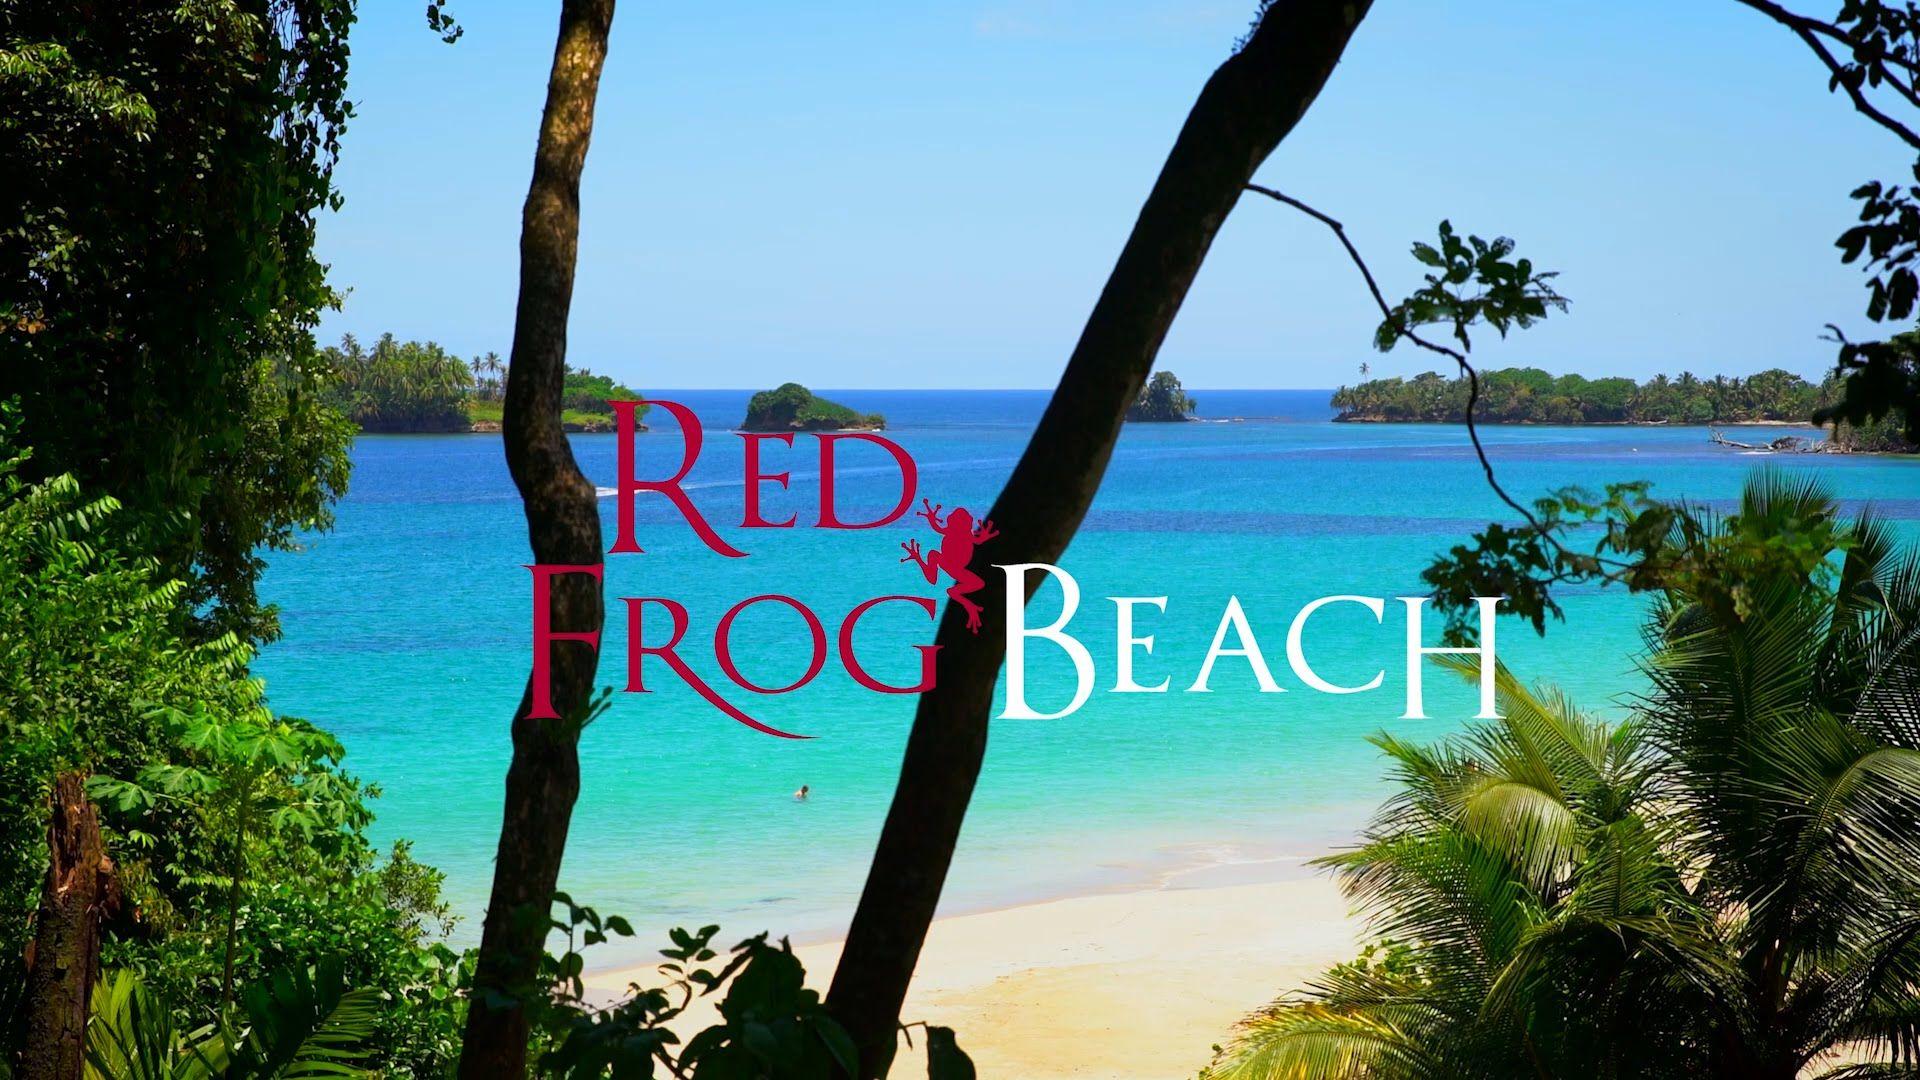 Red Frog Beach Real Estate Bocas Del Toro Panama